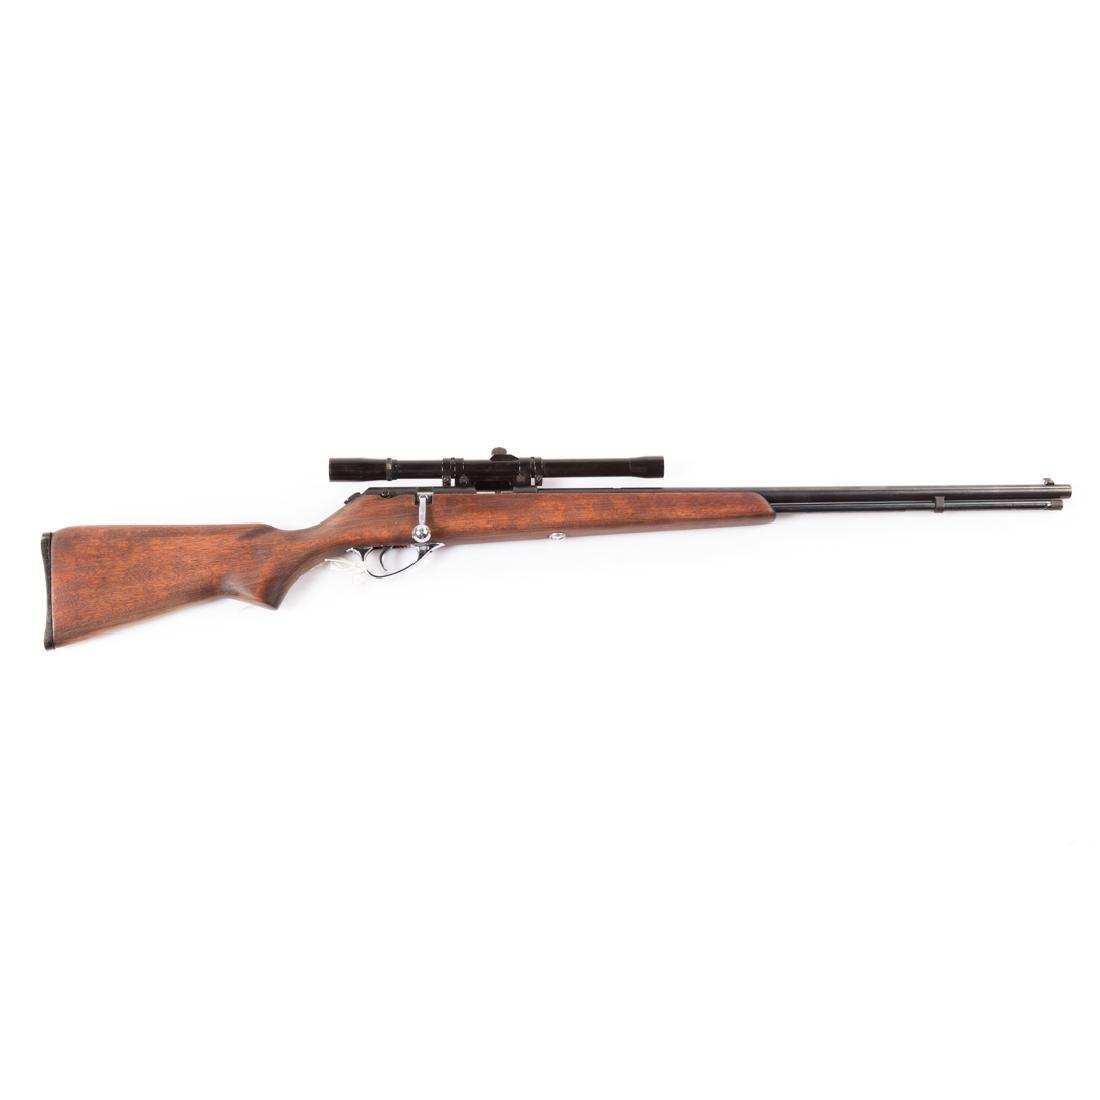 Revelation Model 110 Rifle